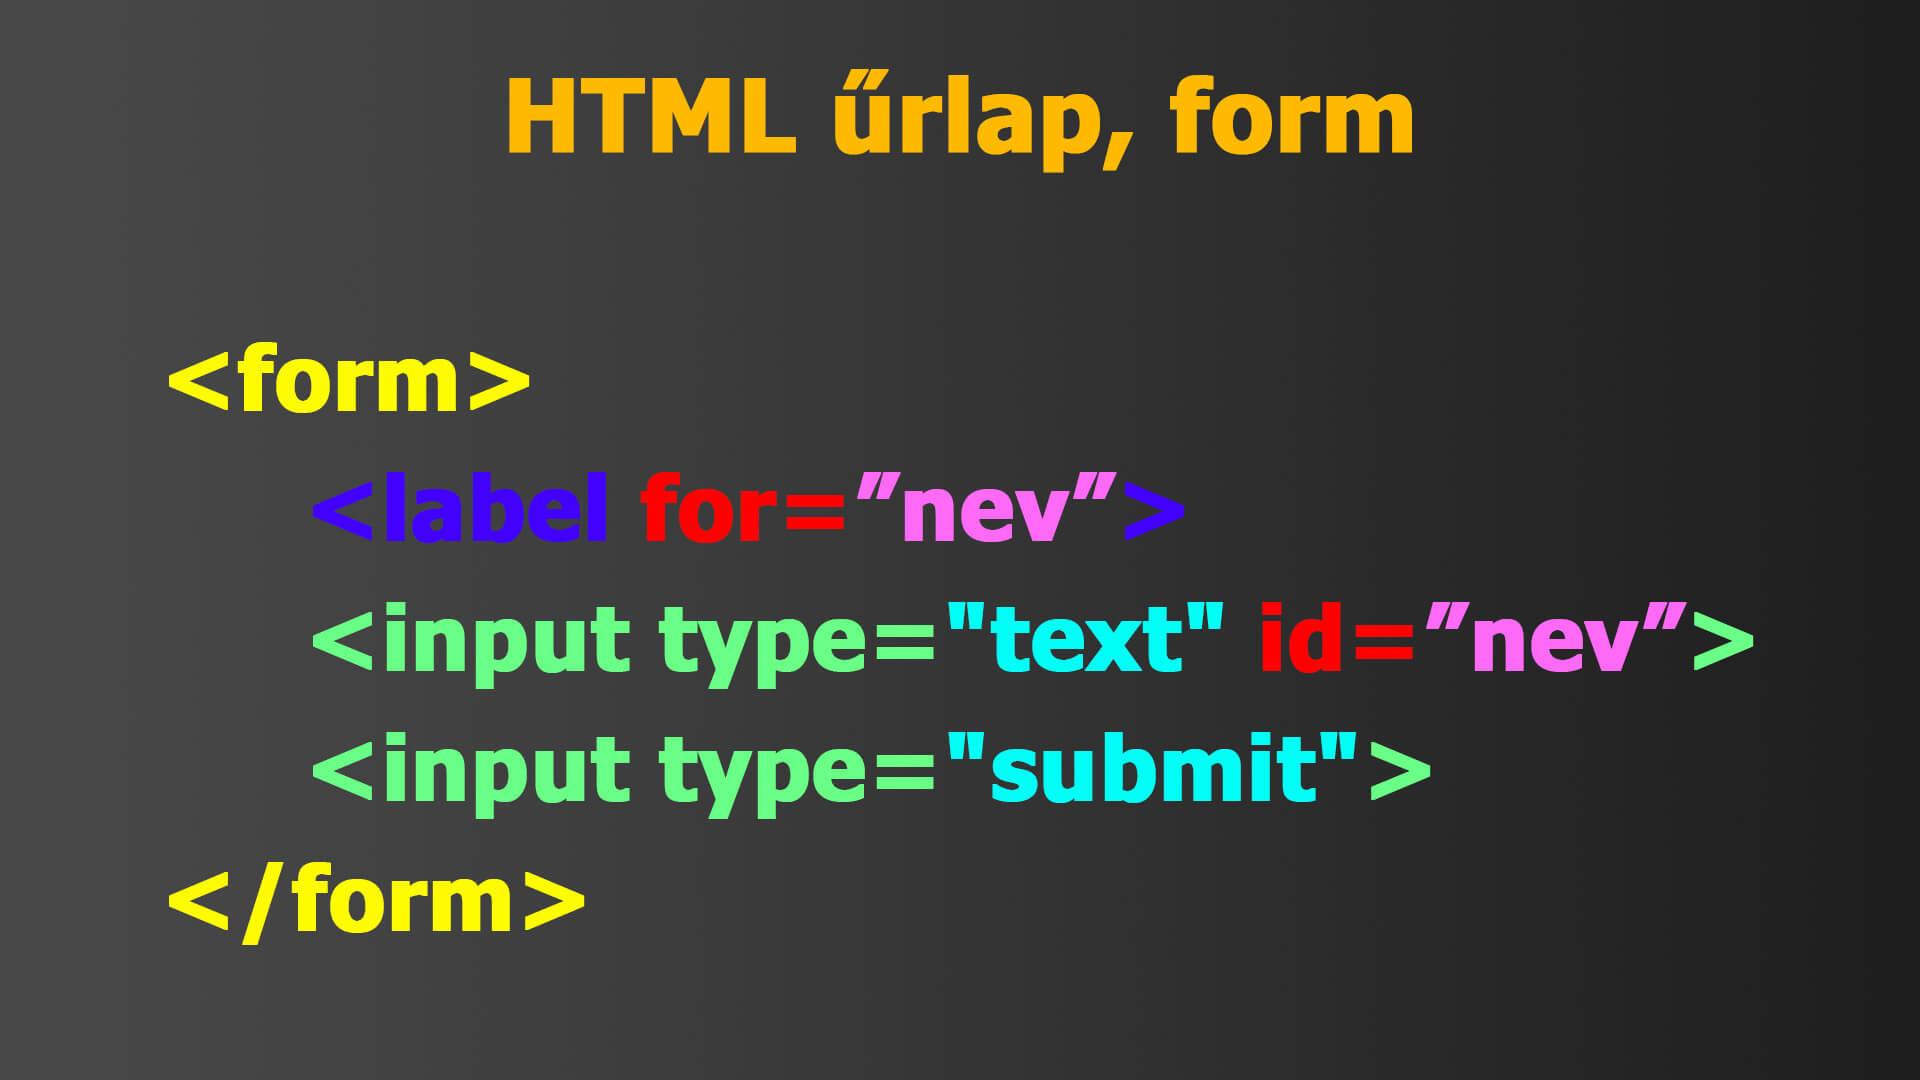 HTML űrlap, form minta, példa